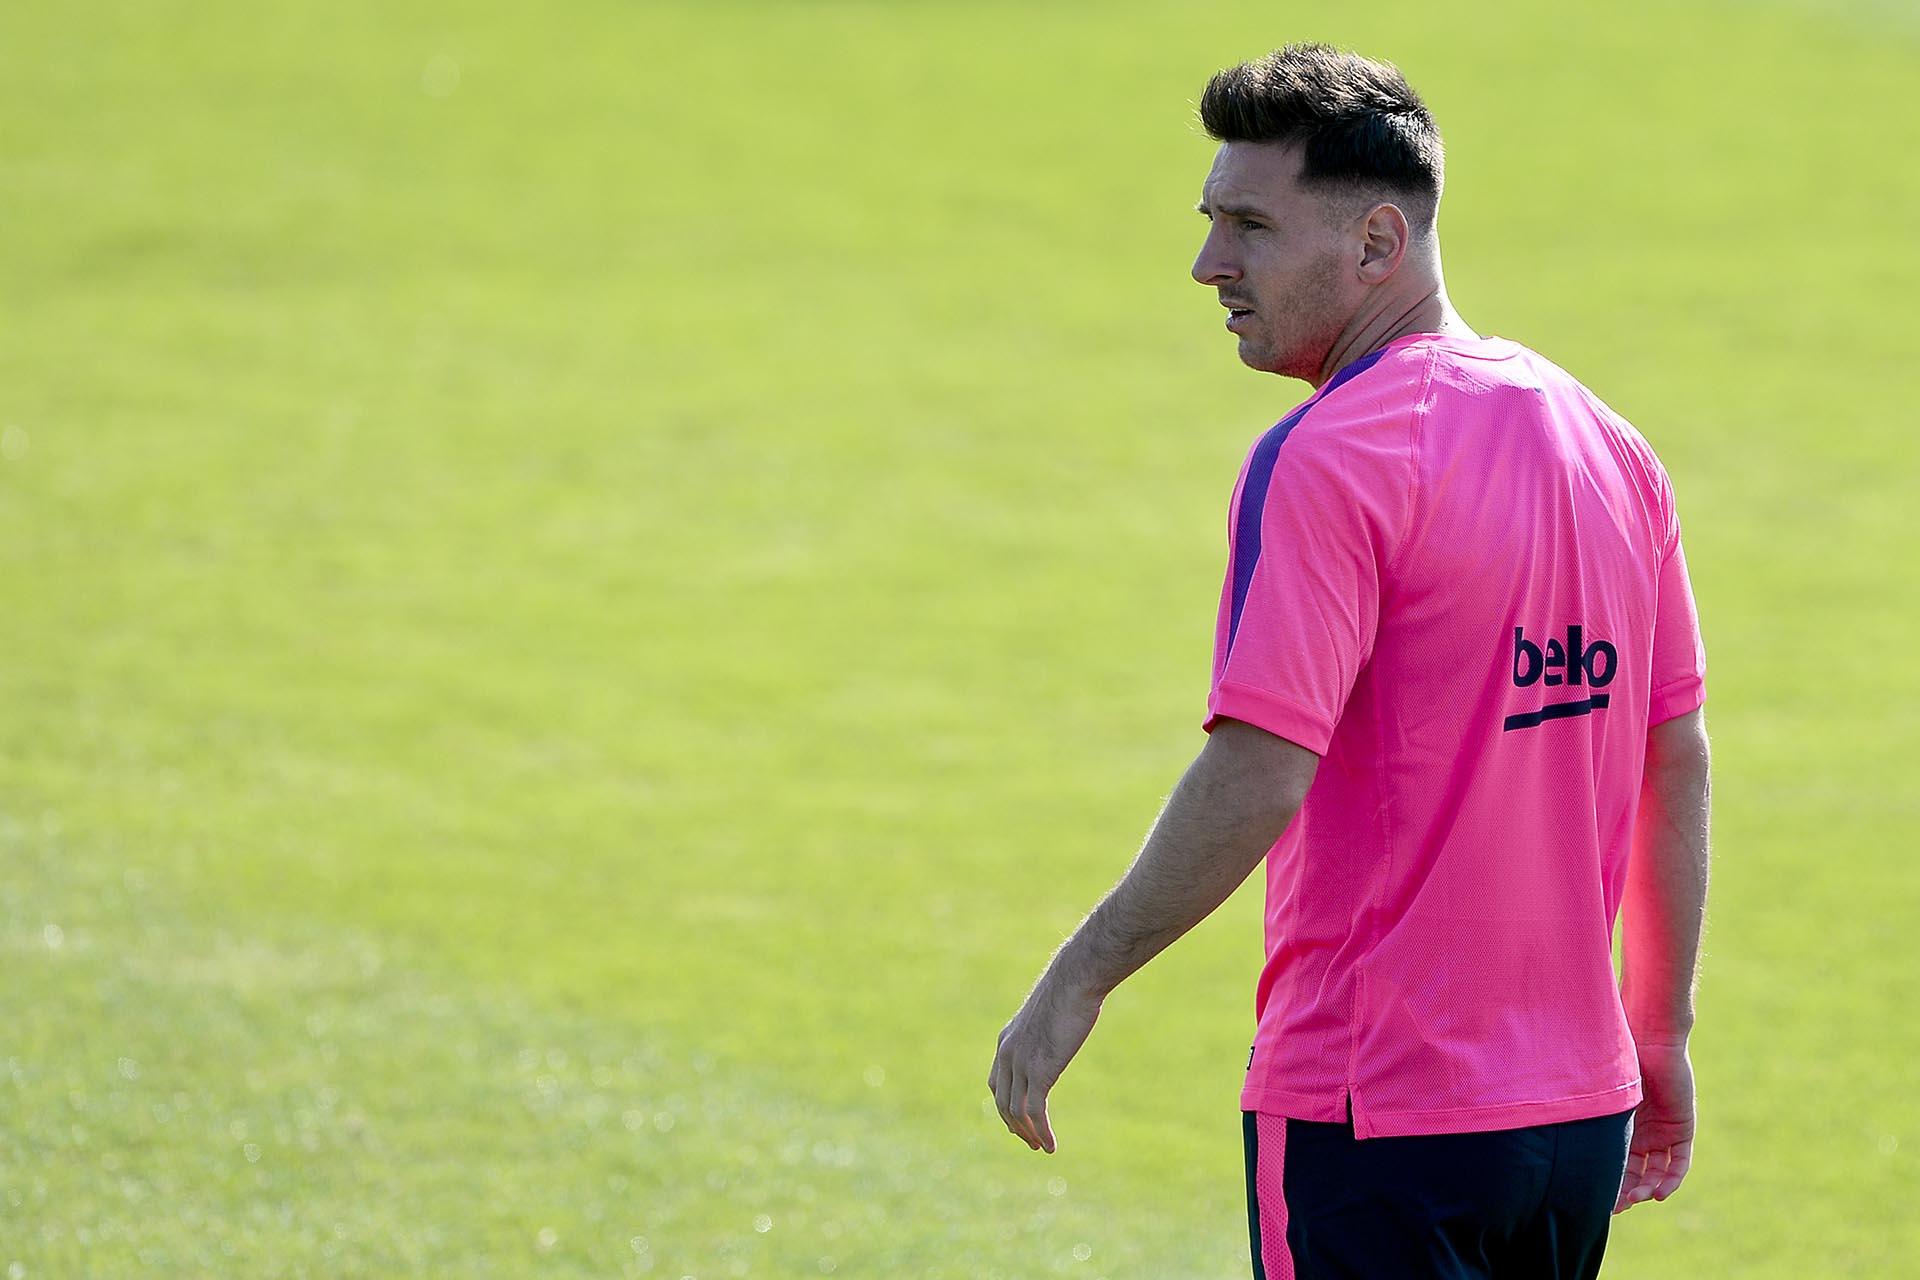 Todos los cambios de look de Lionel Messi en 11 fotos  Infobae